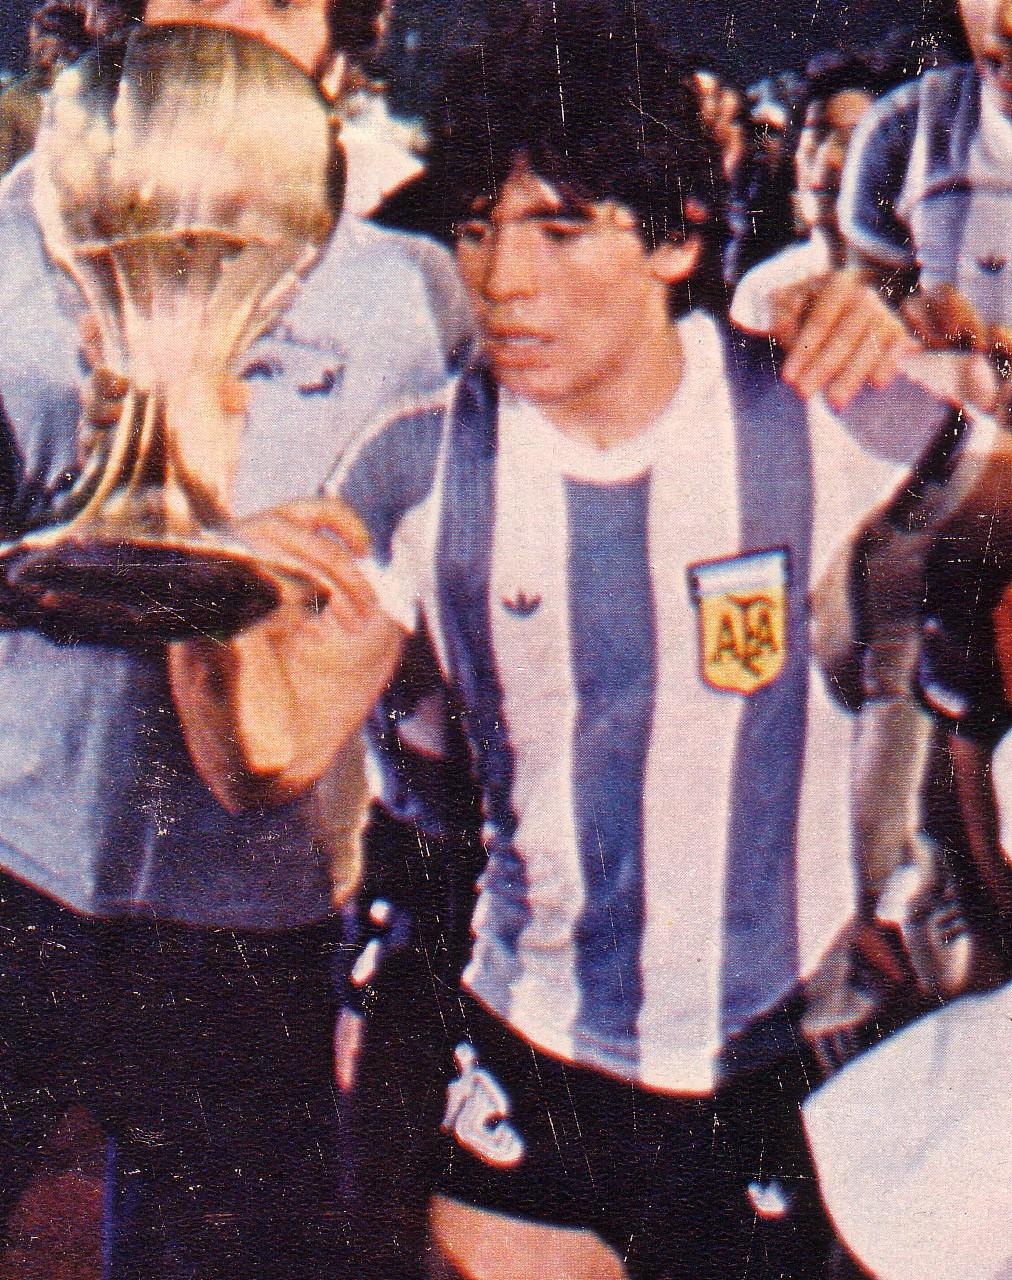 Maradona_y_la_copa_-_Mundial_Juvenil_1979_-_Gente_sept_1979